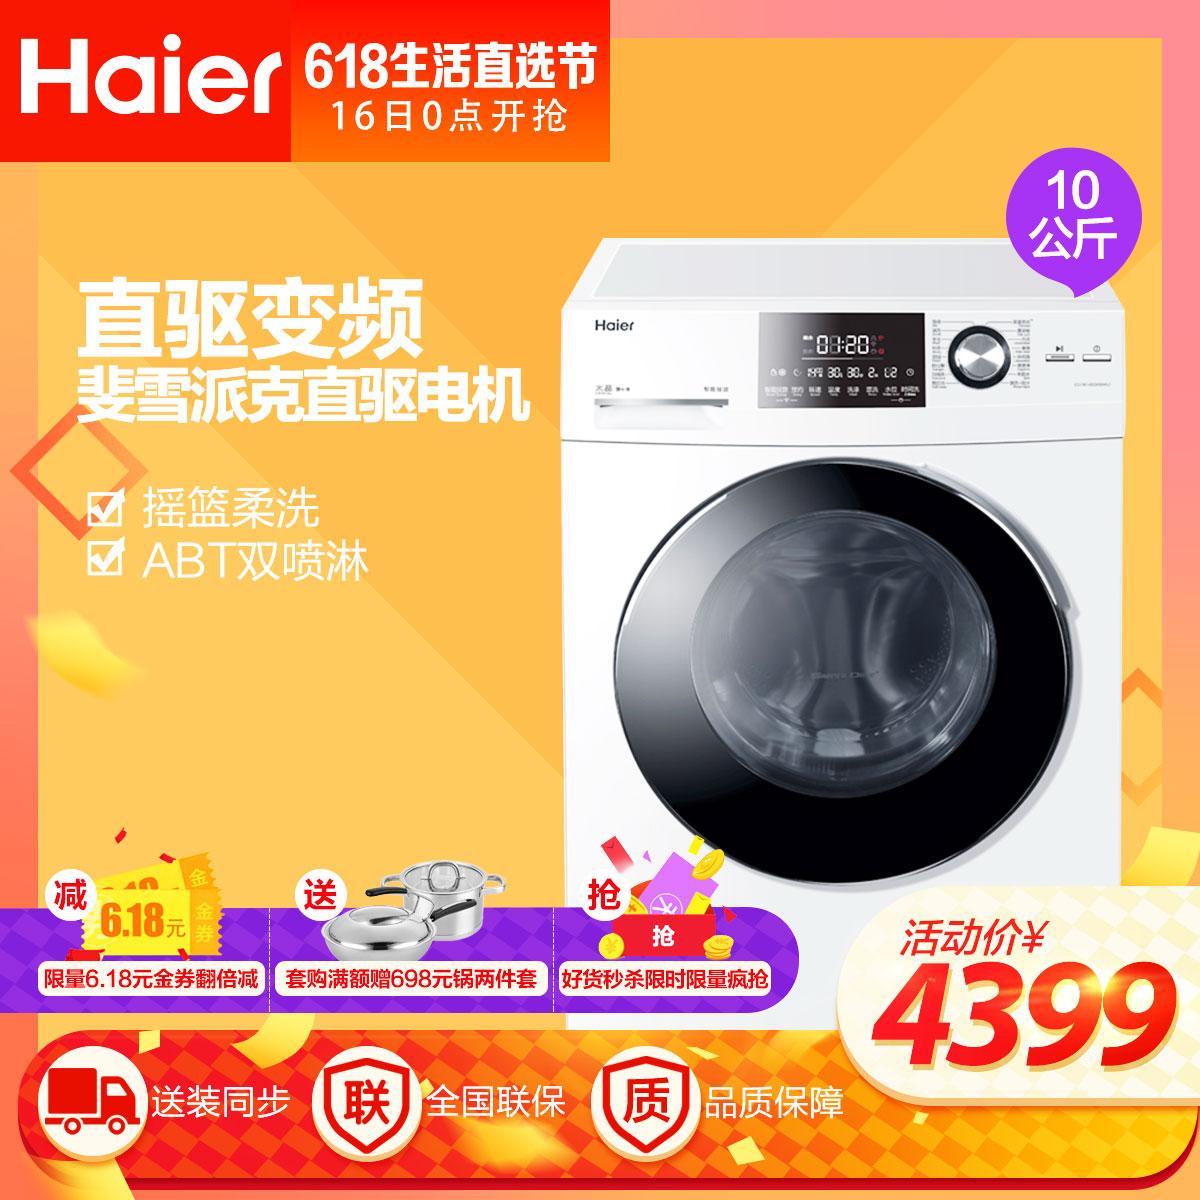 Haier/海尔 滚筒洗衣机 EG10014BD959WU1 10公斤直驱变频滚筒洗衣机